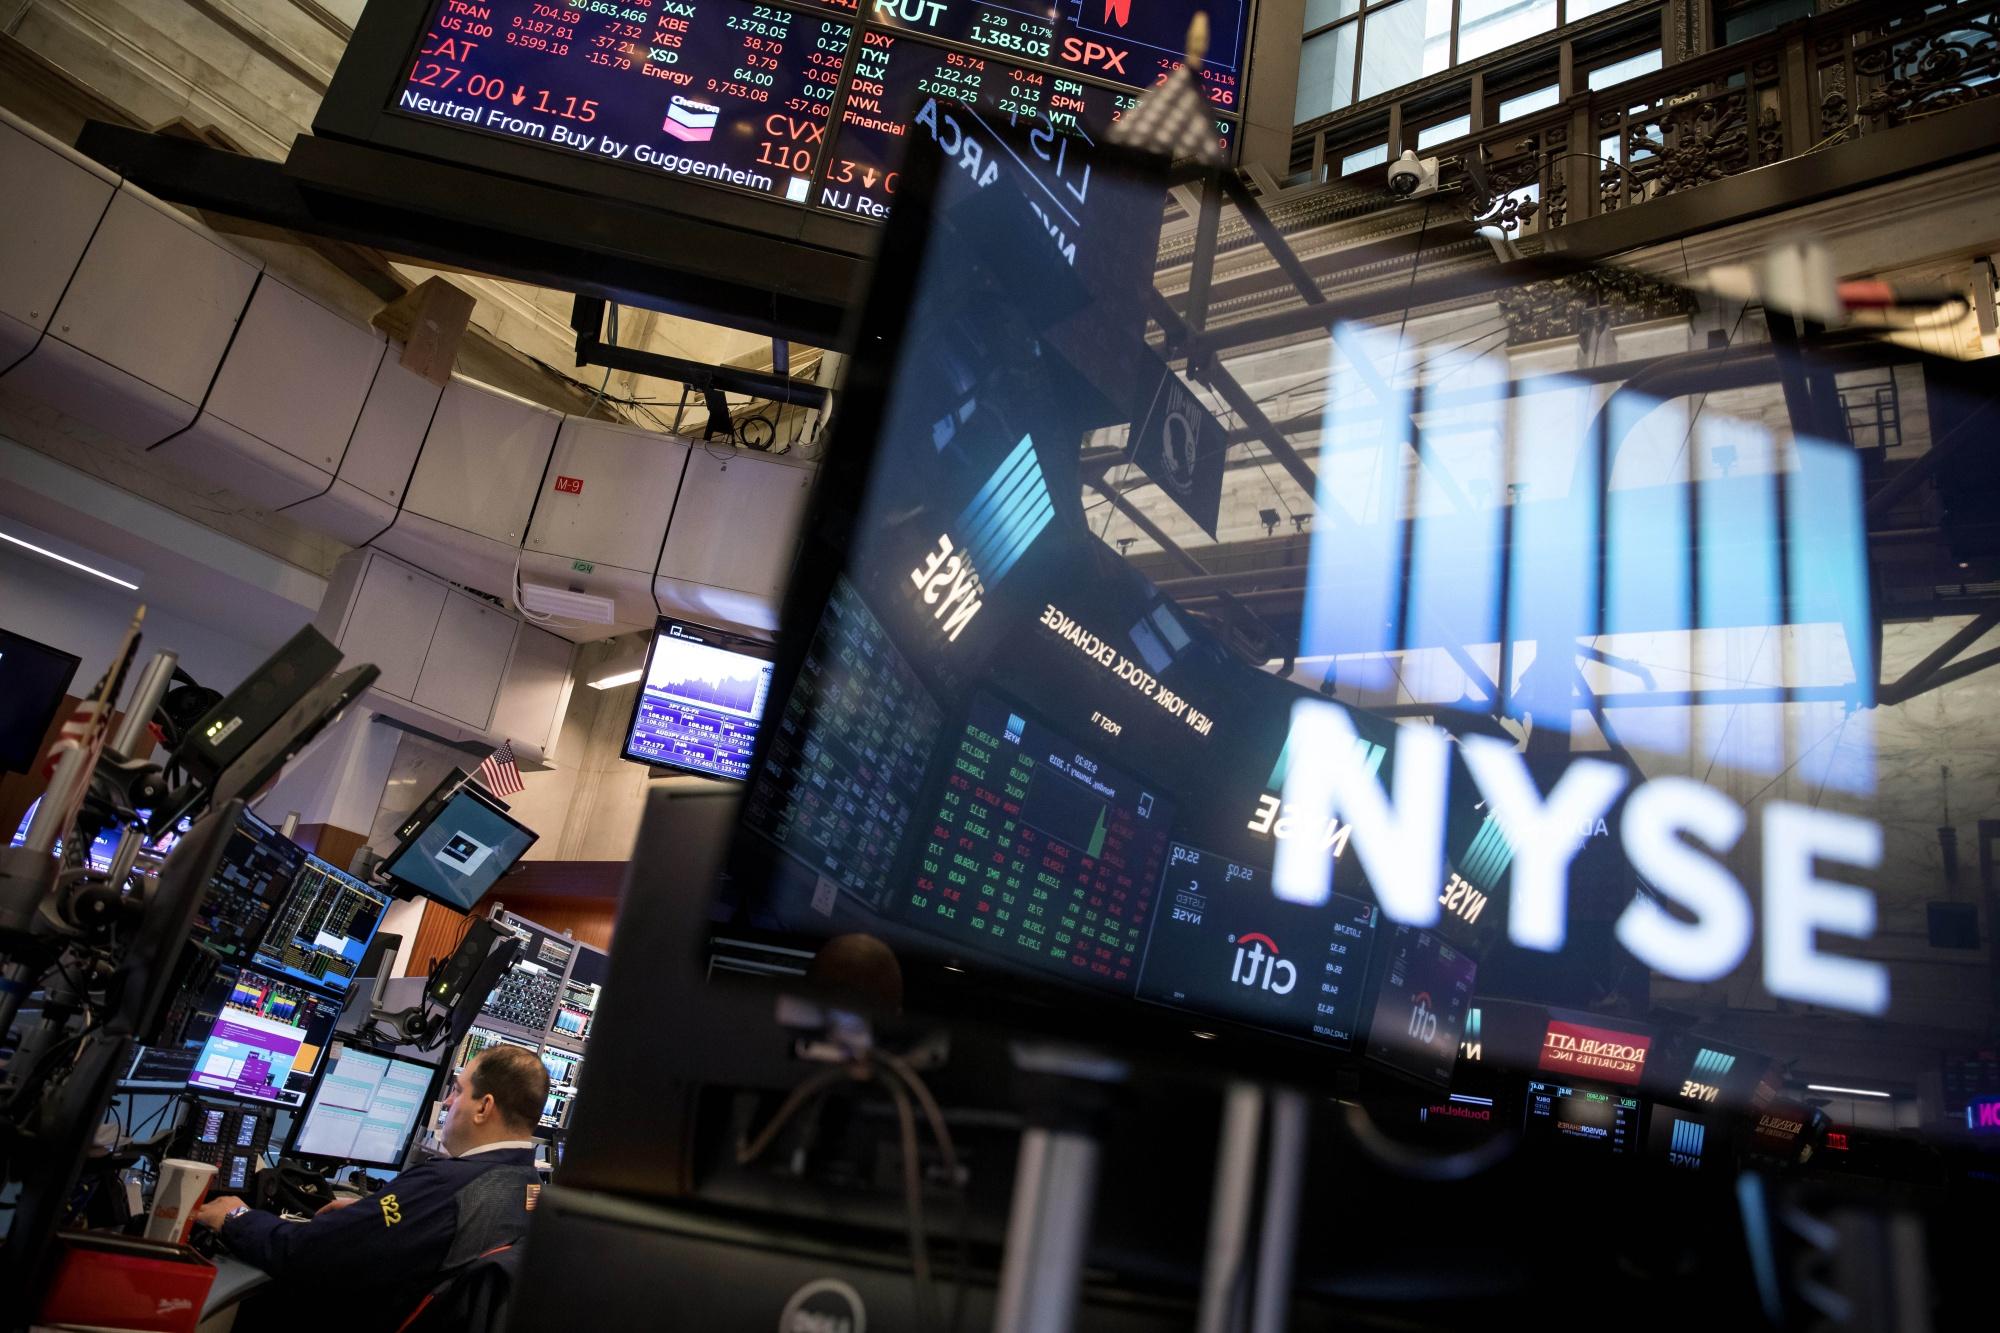 Quỹ ETF Bitcoin đầu tiên tại Mỹ sẽ niêm yết Sàn chứng khoán New York vào ngày 19/10